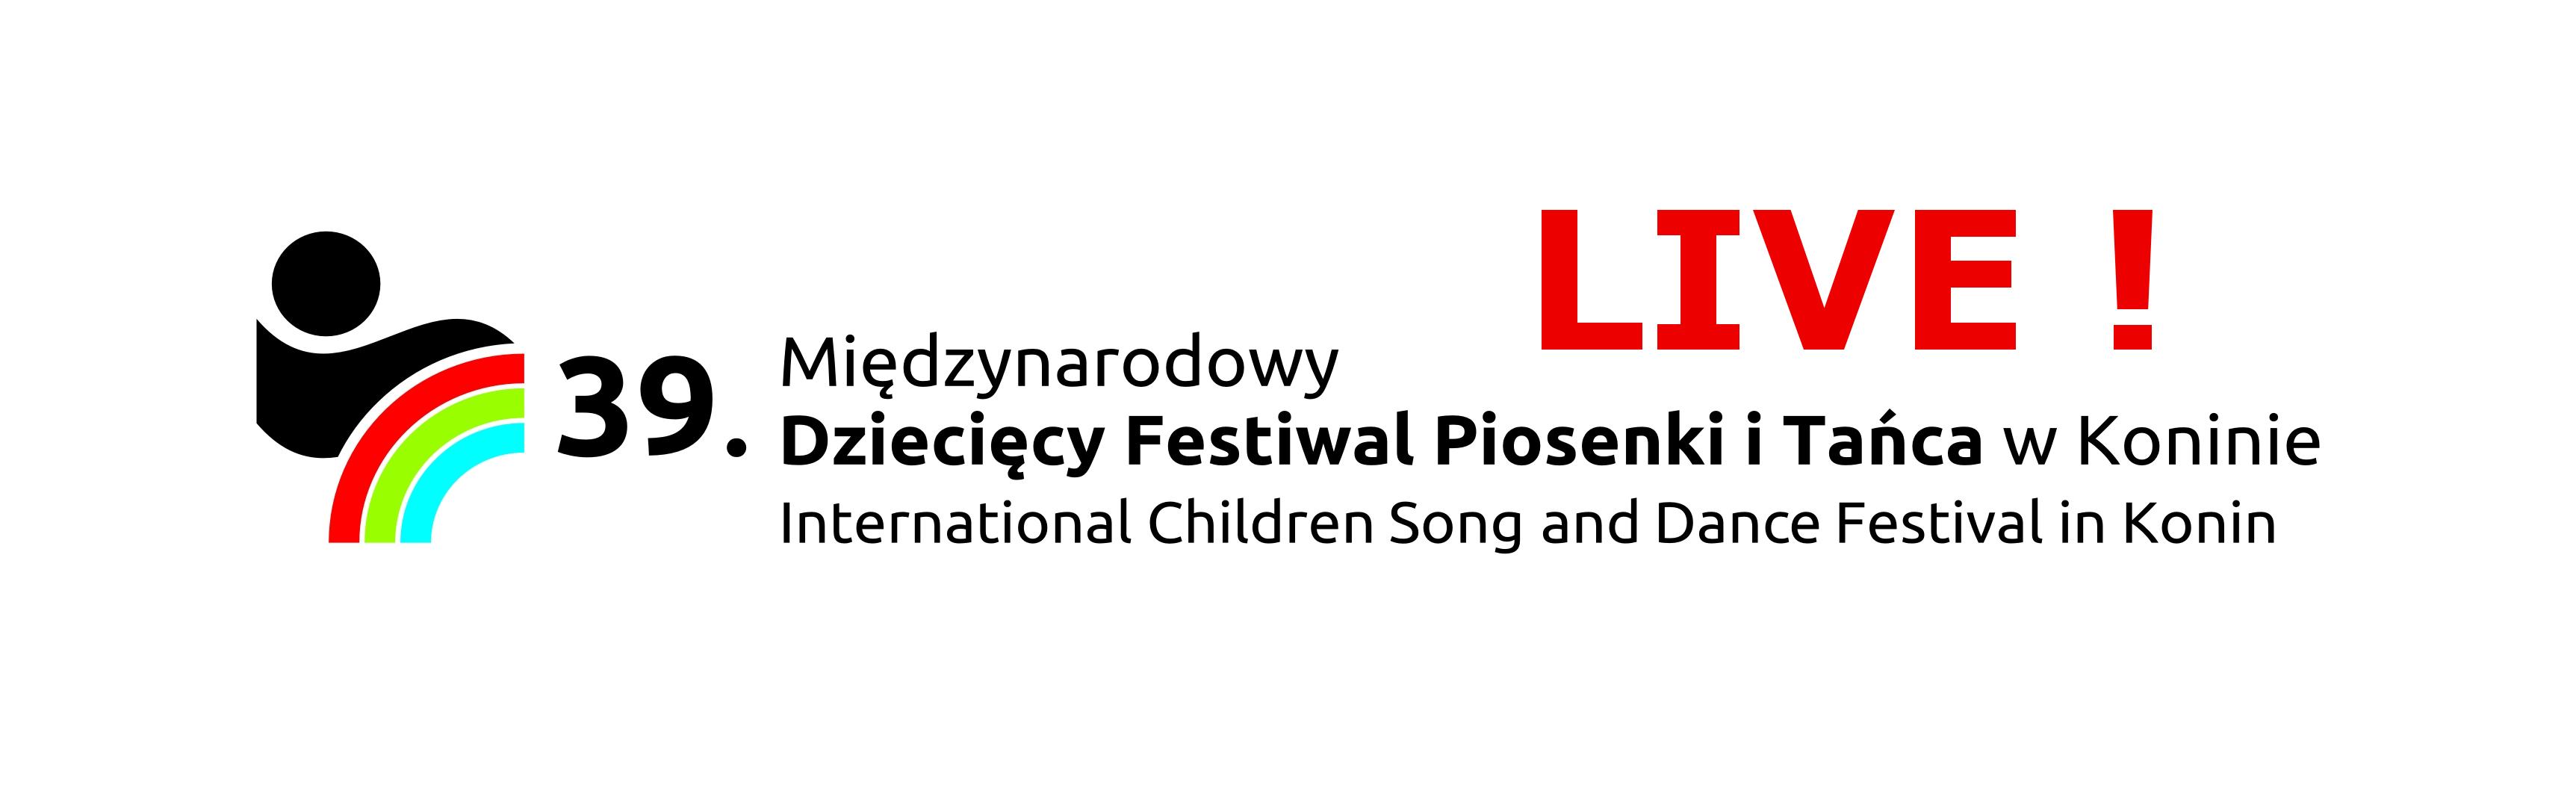 38. Międzynarodowy Dziecięcy Festiwal Piosenki i Tańca w Koninie LIVE 2017